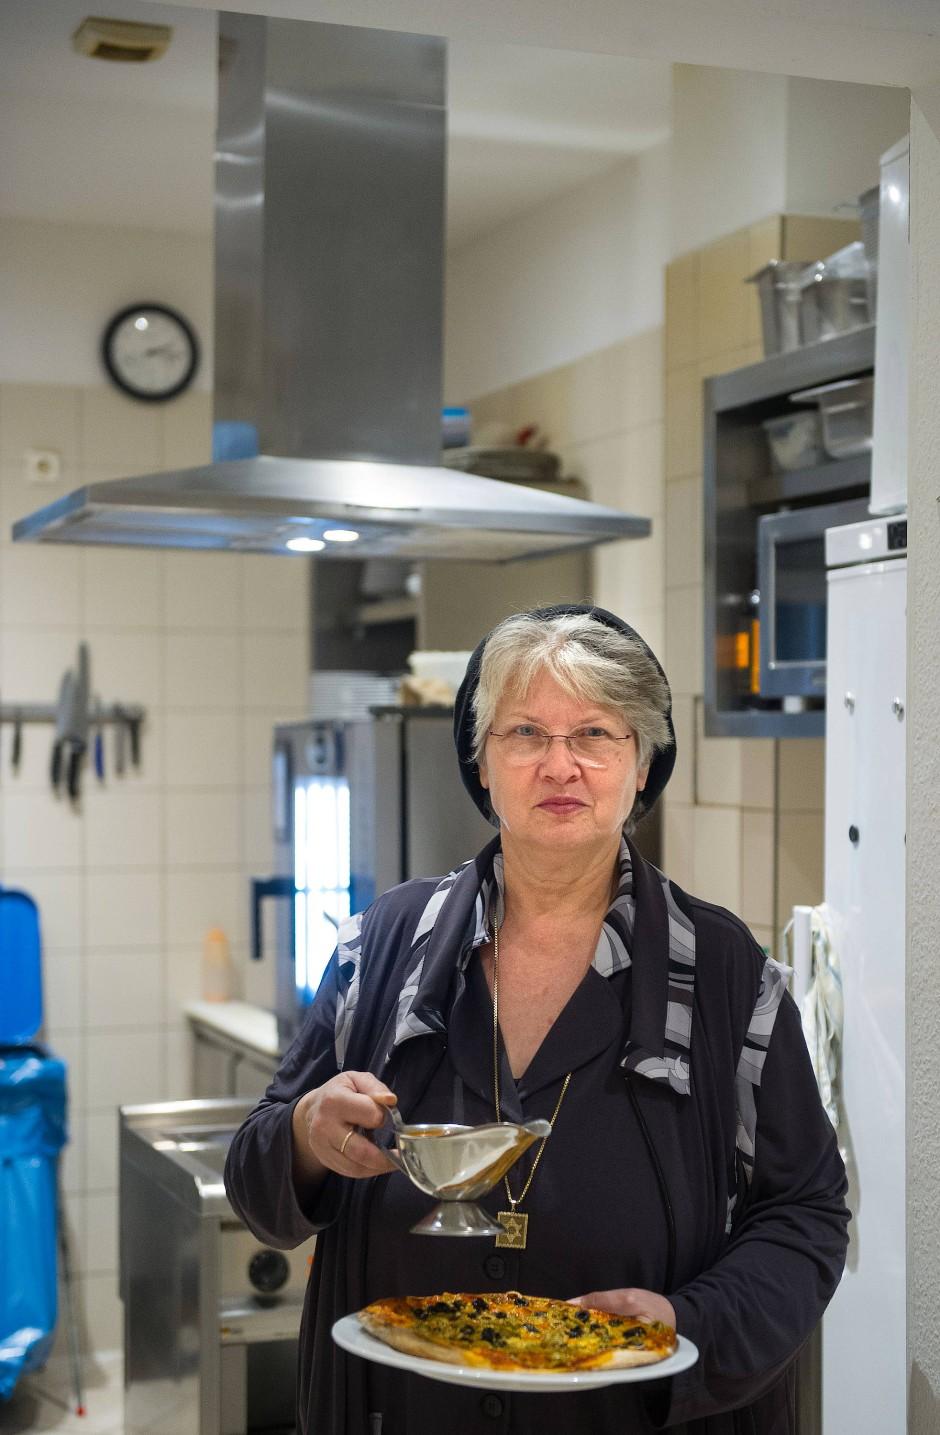 Seit 15 Jahren selbständig: Jetzt suchen Manuela Bleiberg und ihr Mann einen Nachfolger.